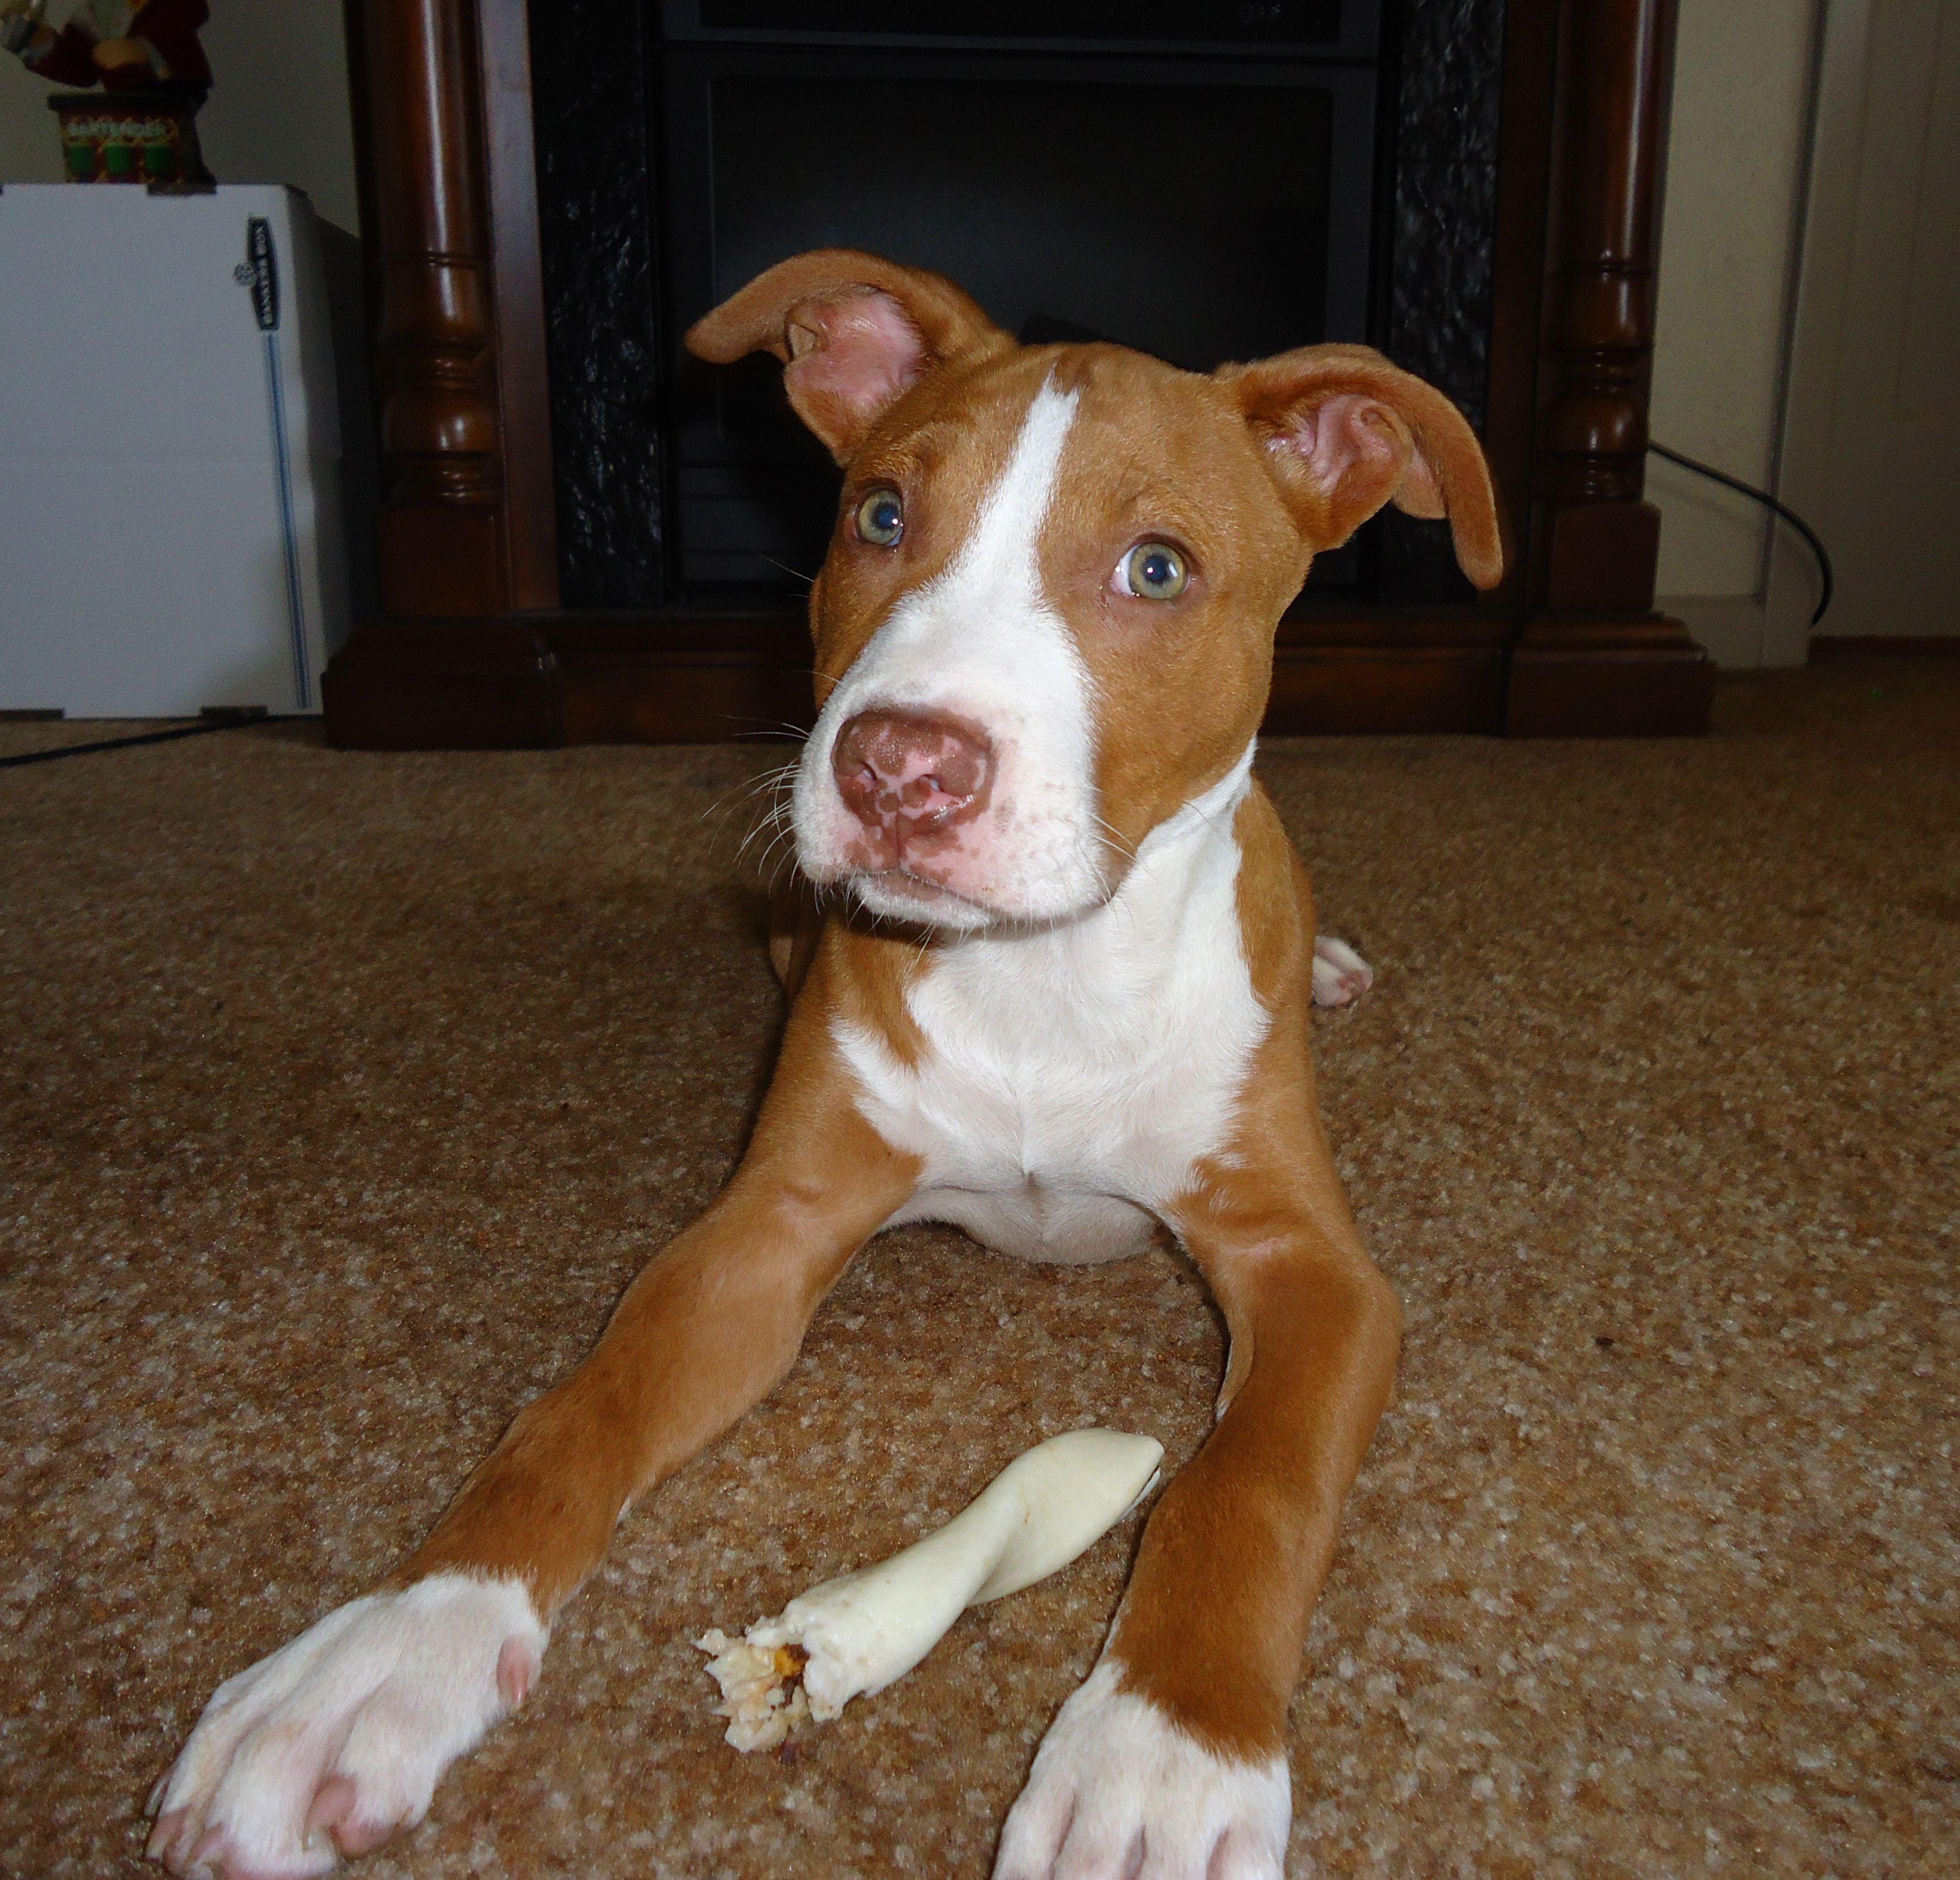 @Lauren's new pitbull puppy :) What a cutie pie!